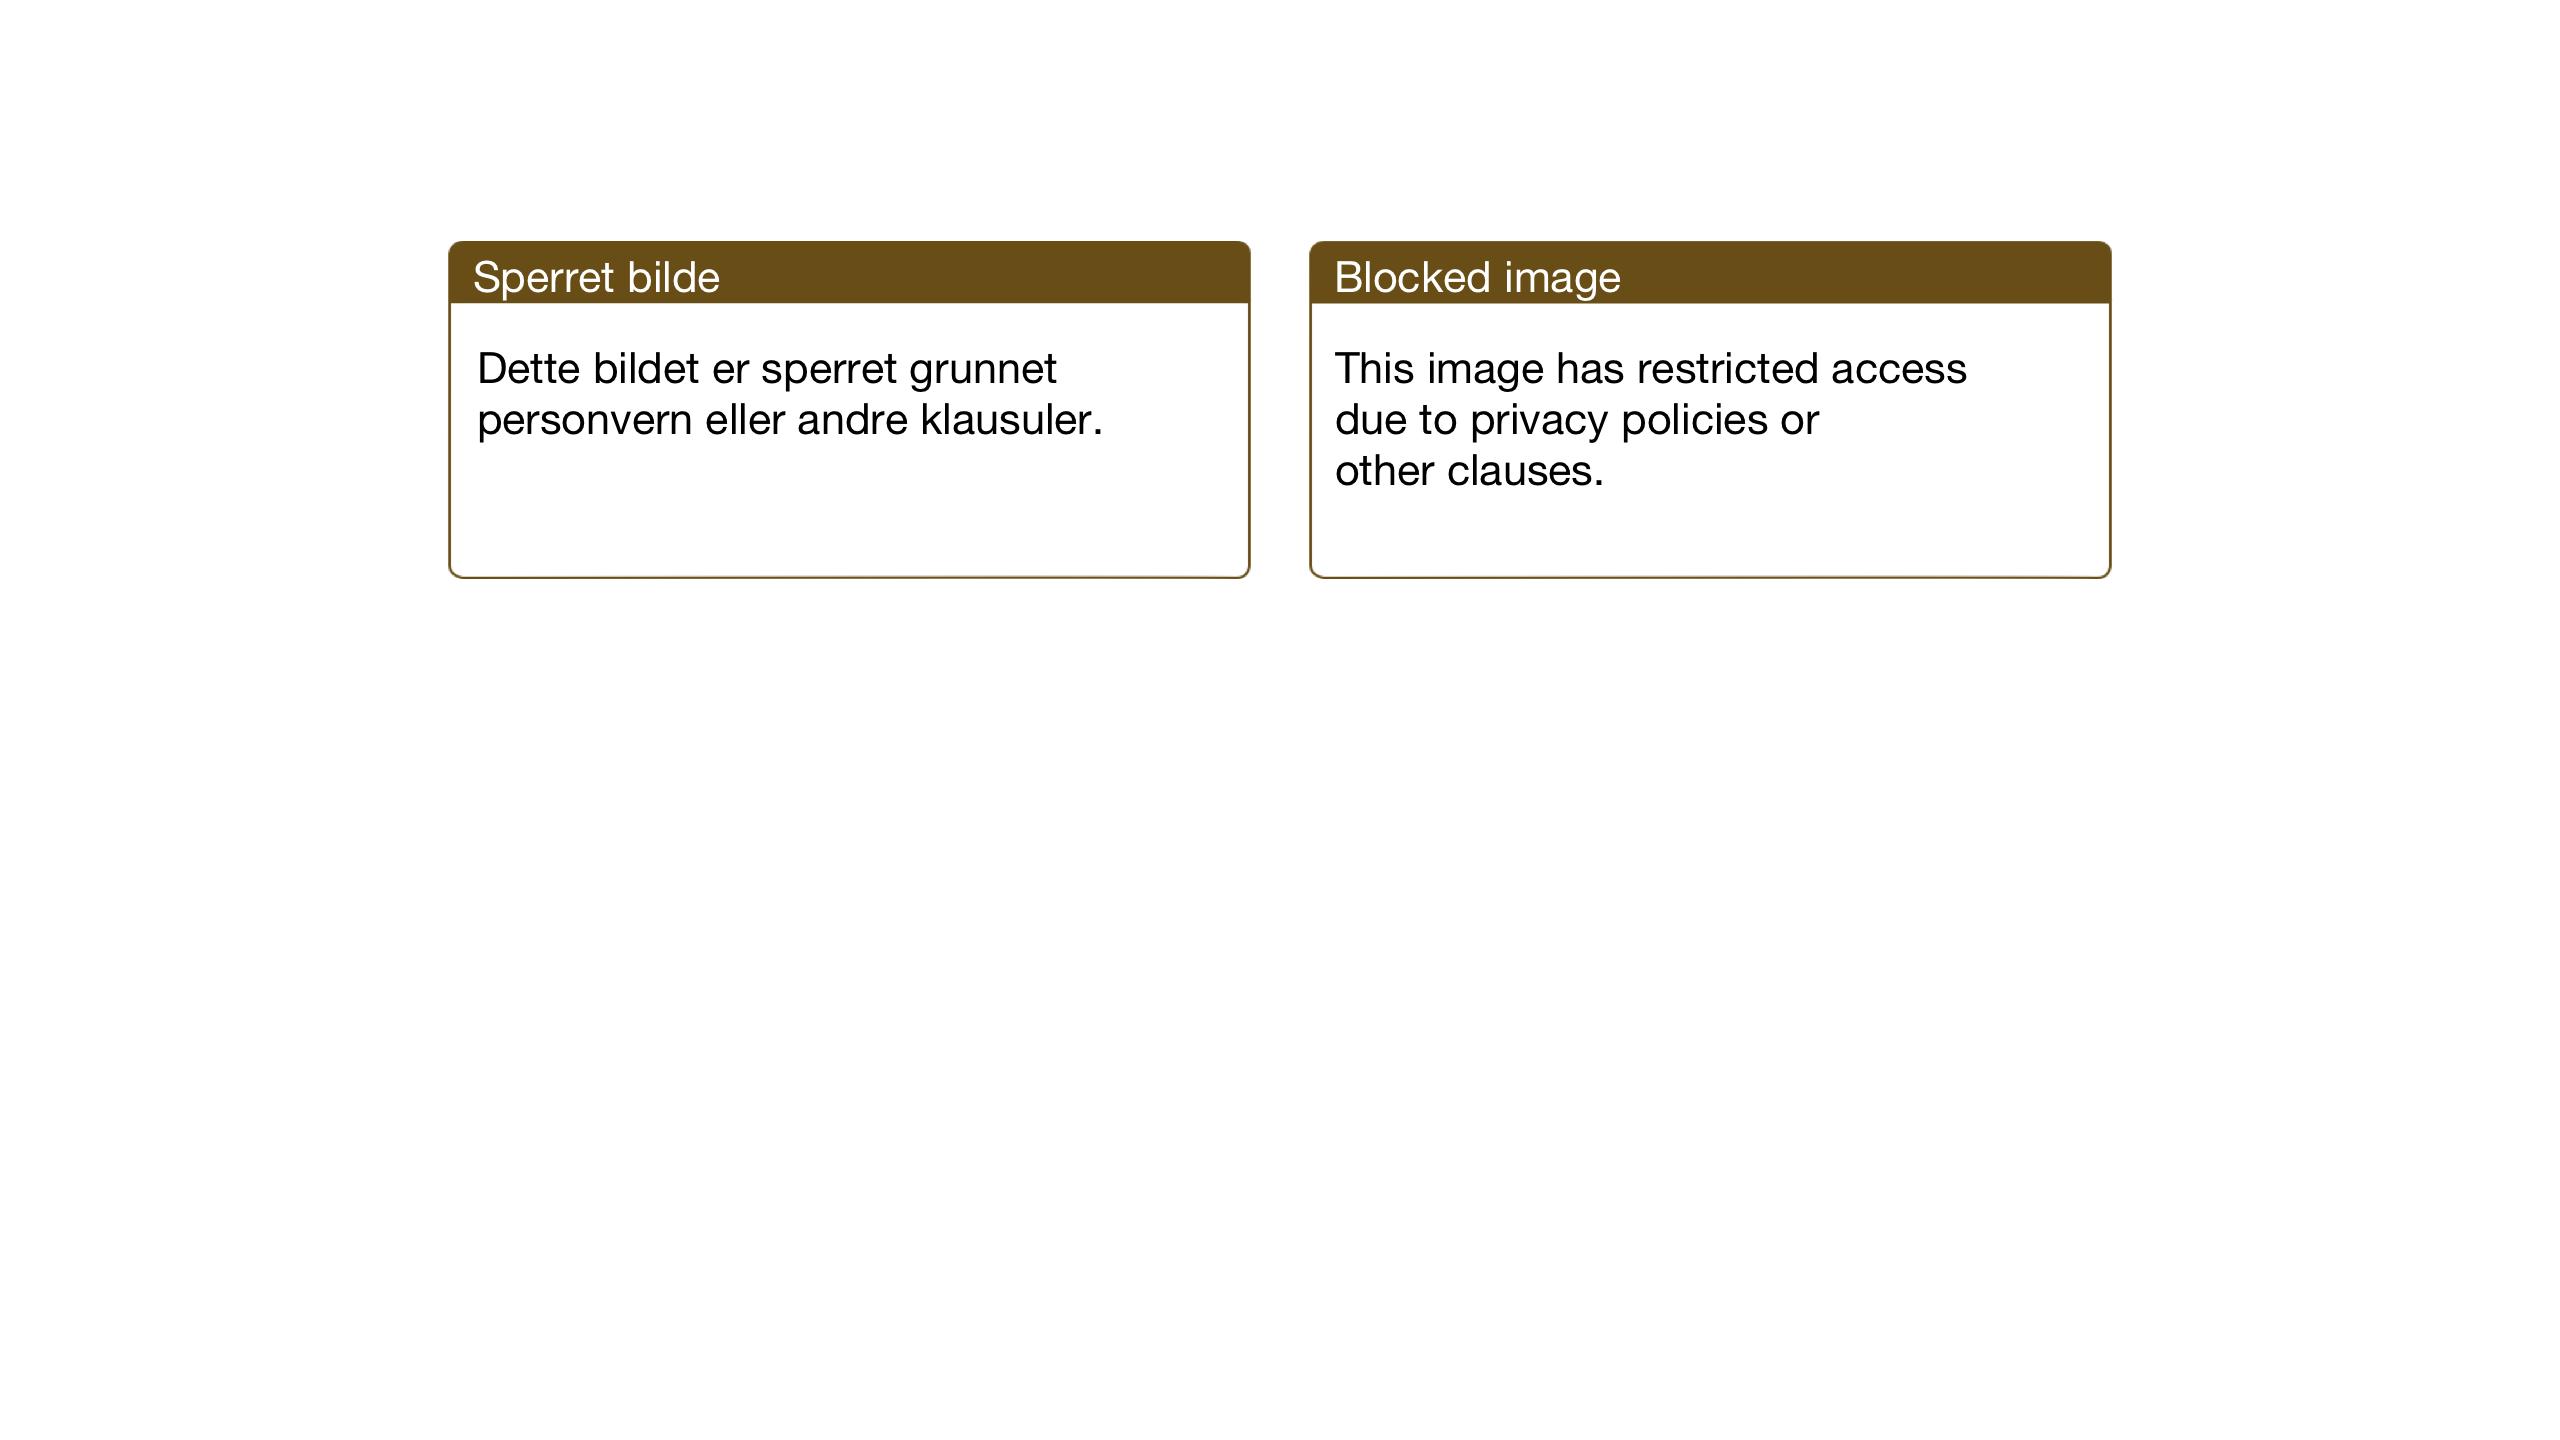 SAT, Ministerialprotokoller, klokkerbøker og fødselsregistre - Nord-Trøndelag, 747/L0460: Klokkerbok nr. 747C02, 1908-1939, s. 32